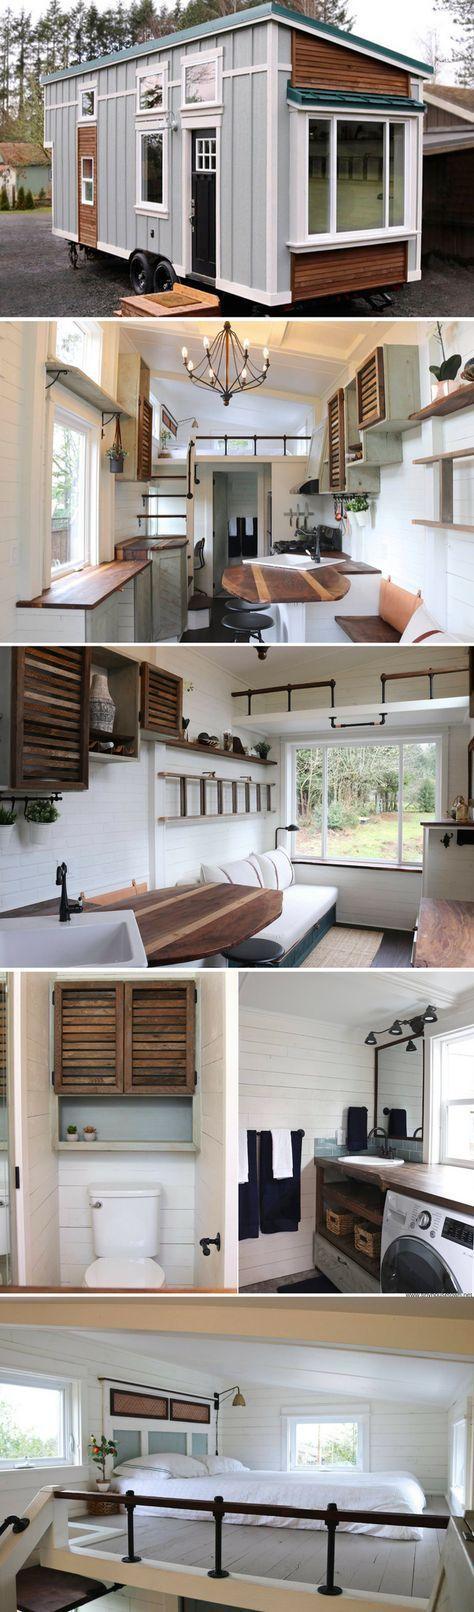 Tiny Getaway by Handcrafted Movement Ideen für dein Tiny Haus ,Tiny Home und Mini Haus. Tiny House Bauen und einrichten. Ob stationär oder fahrbar. – Barbara